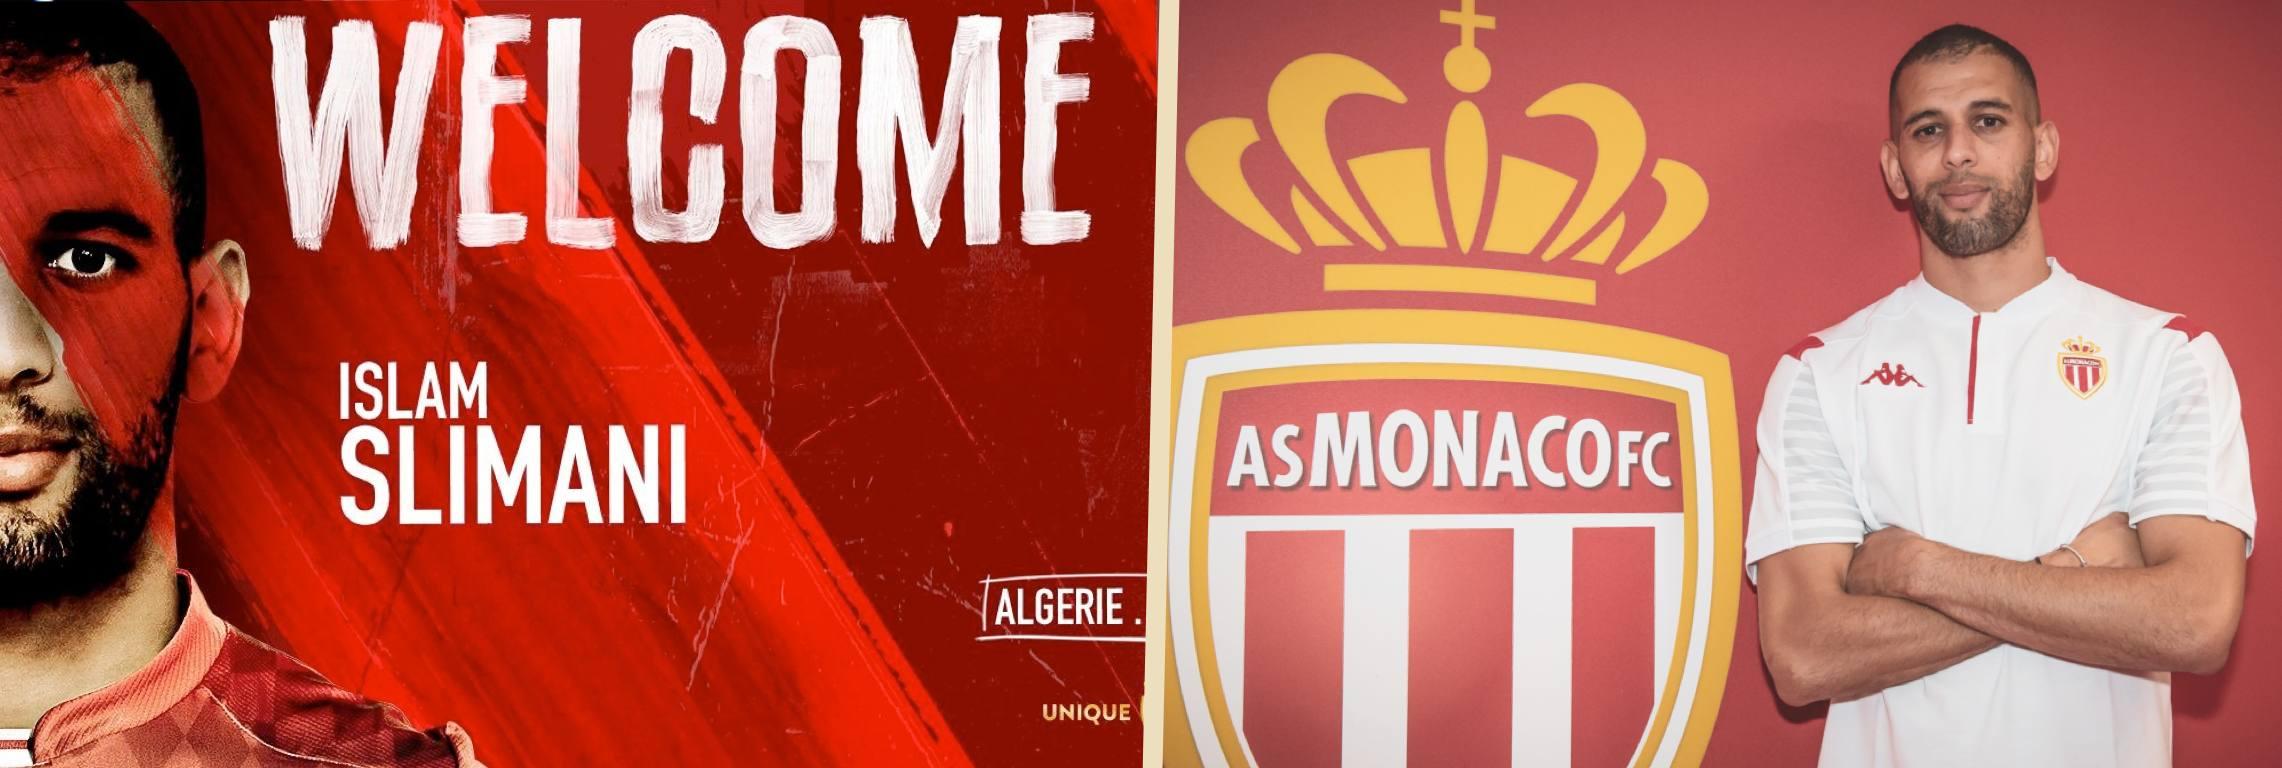 """Slimani : """"Je suis très heureux de m'engager avec l'AS Monaco"""""""